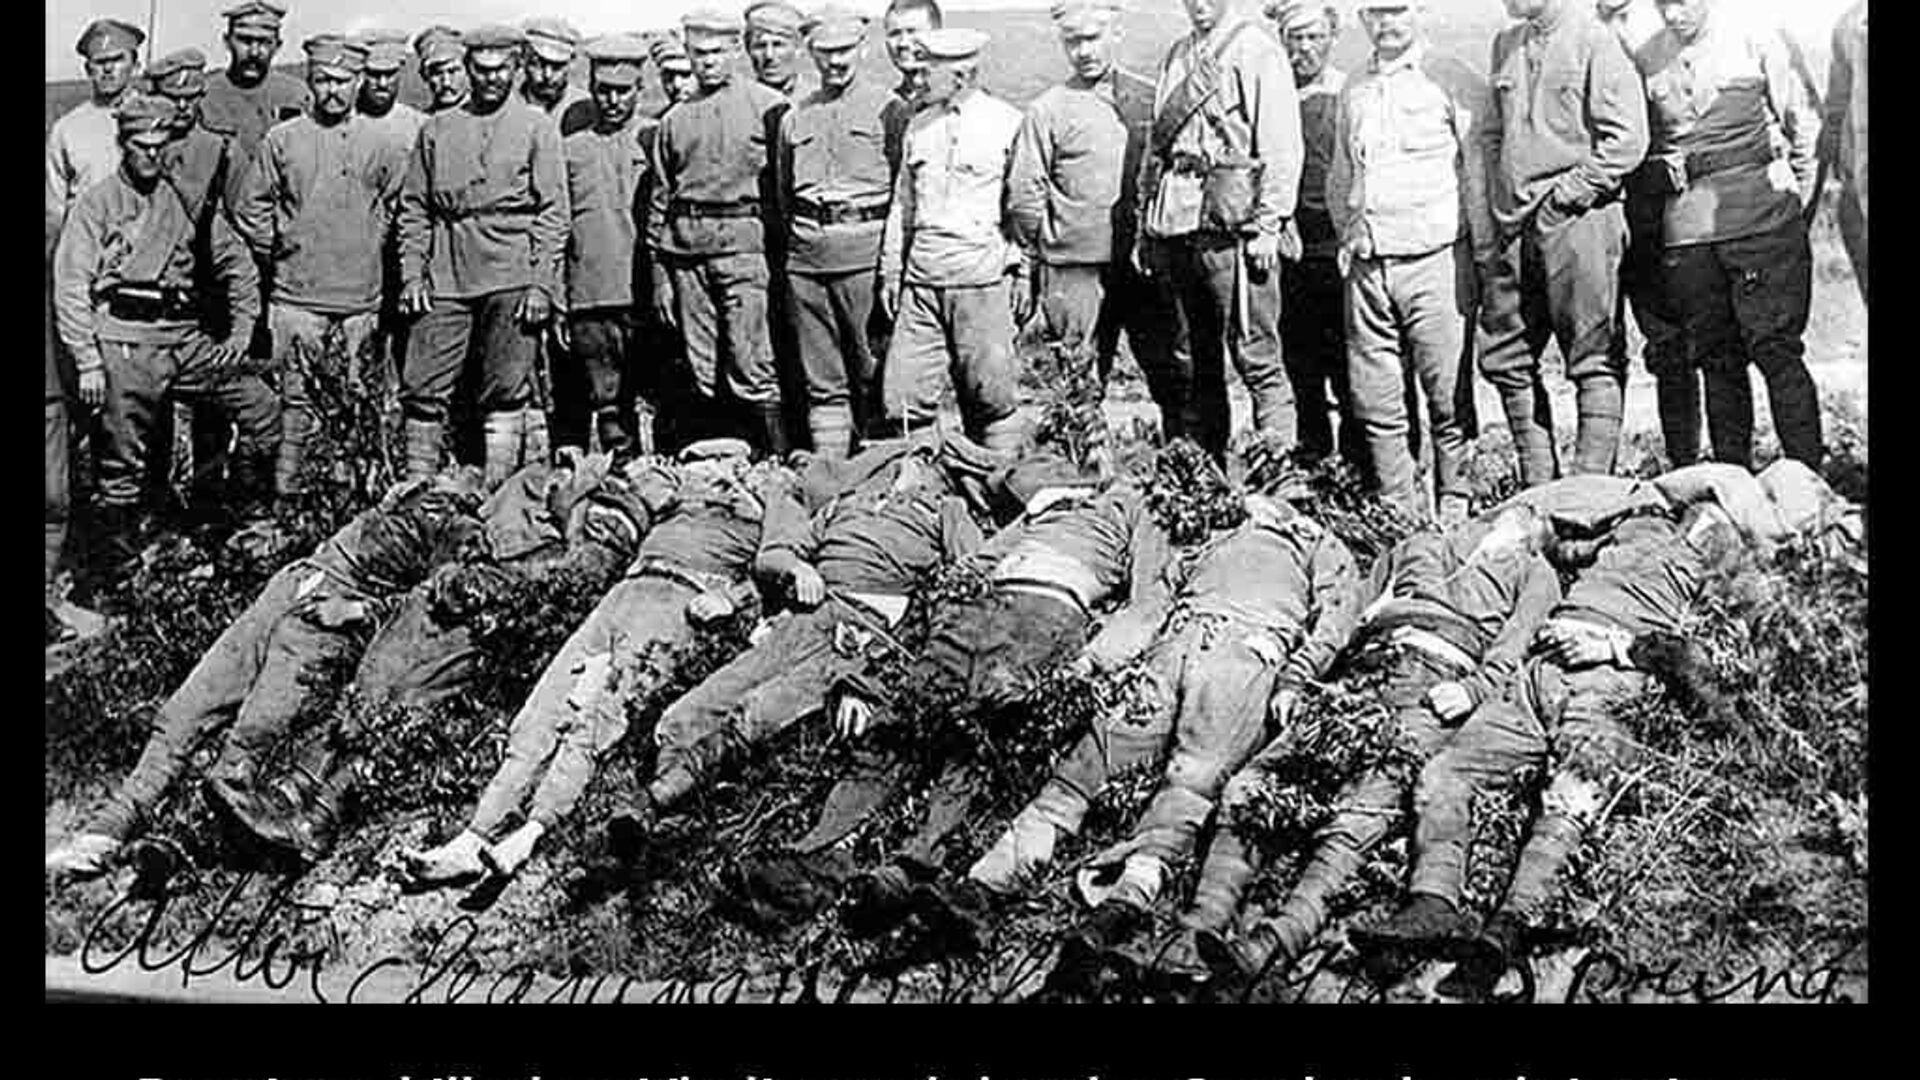 Ten samý snímek, ale s opačnou legendou. Zabití mají být Rusové (bolševici), nad nimi stojí čes. legionáři.  - Sputnik Česká republika, 1920, 25.05.2021